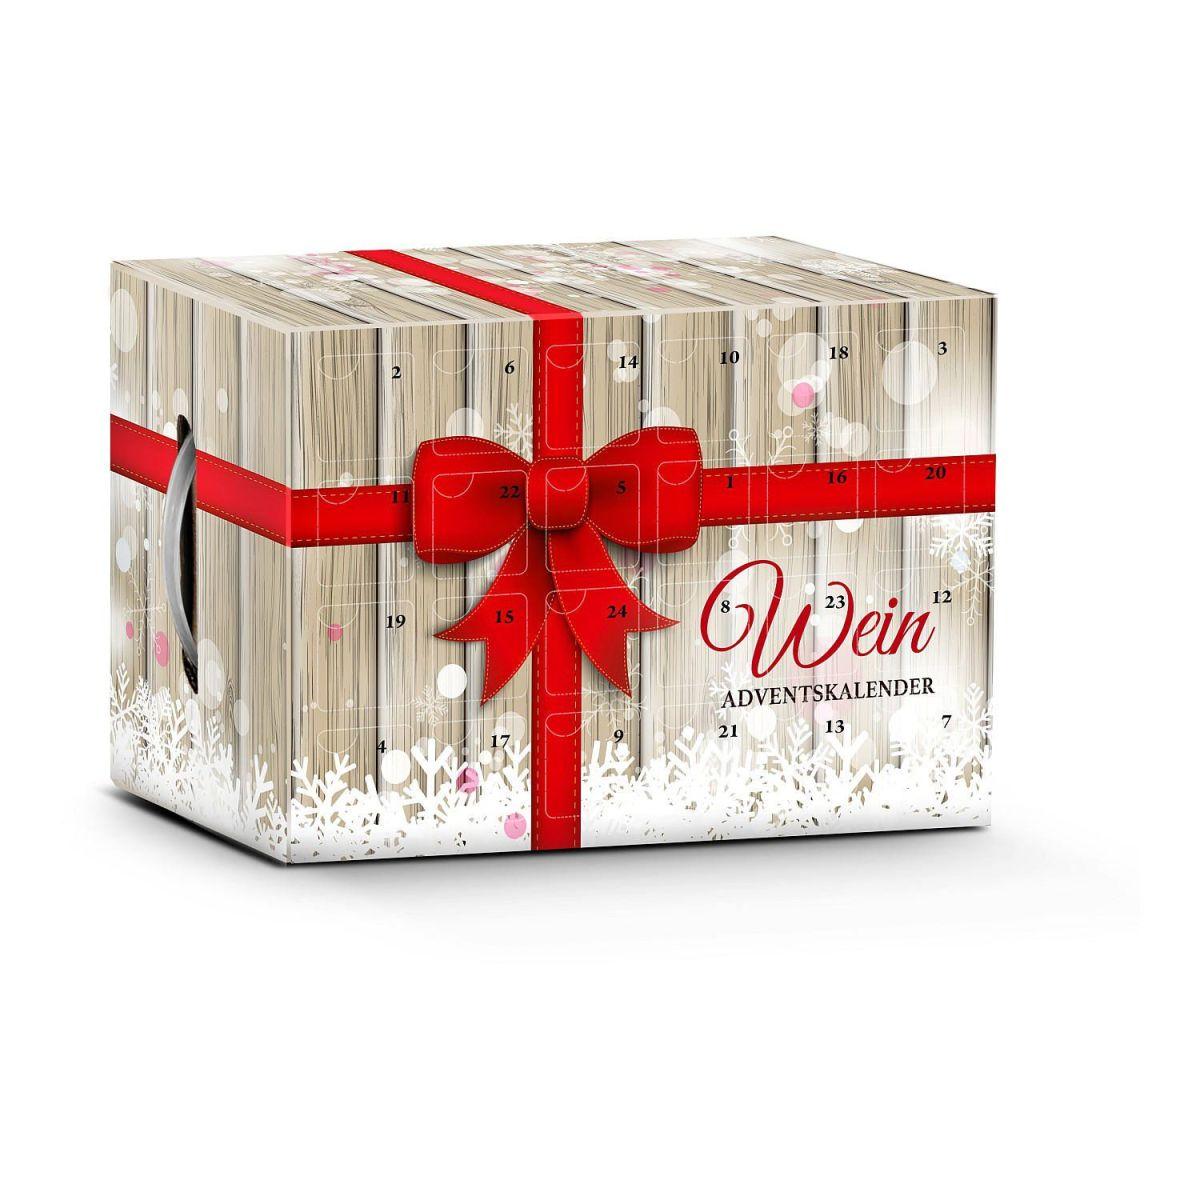 Ansprechend Einfallsreiche Geschenke Foto Von Wein-adventskalender Geschenk